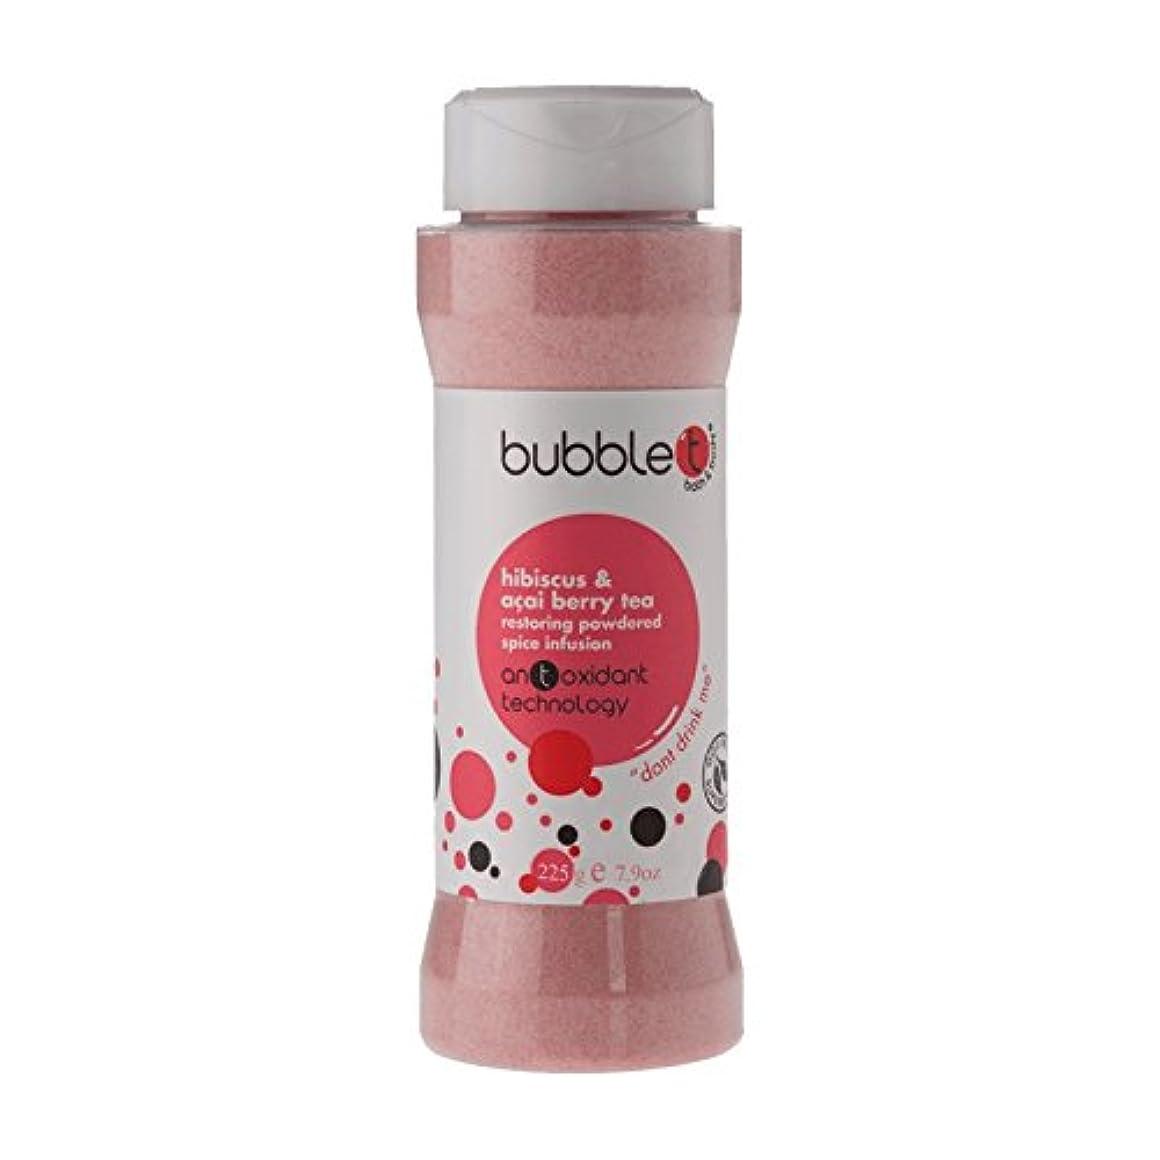 厳しいクラブ登場バブルトン風呂スパイス注入ハイビスカス&アサイベリー茶225グラム - Bubble T Bath Spice Infusion Hibiscus & Acai Berry Tea 225g (Bubble T) [並行輸入品]